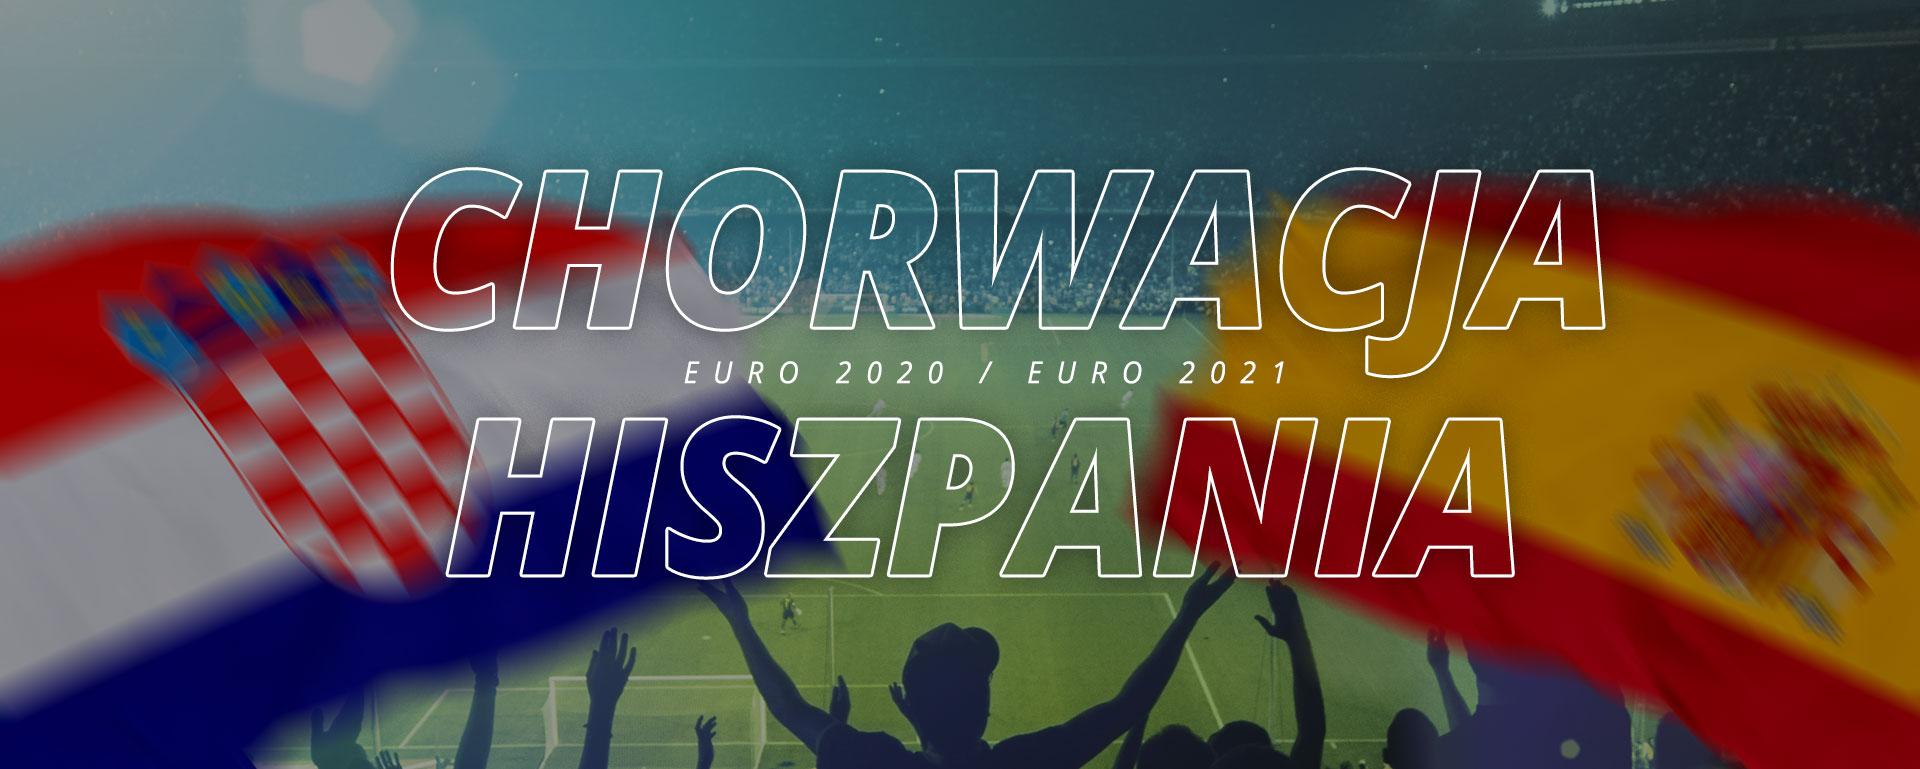 Chorwacja – Hiszpania | 1/8 finału Euro 2020 / Euro 2021